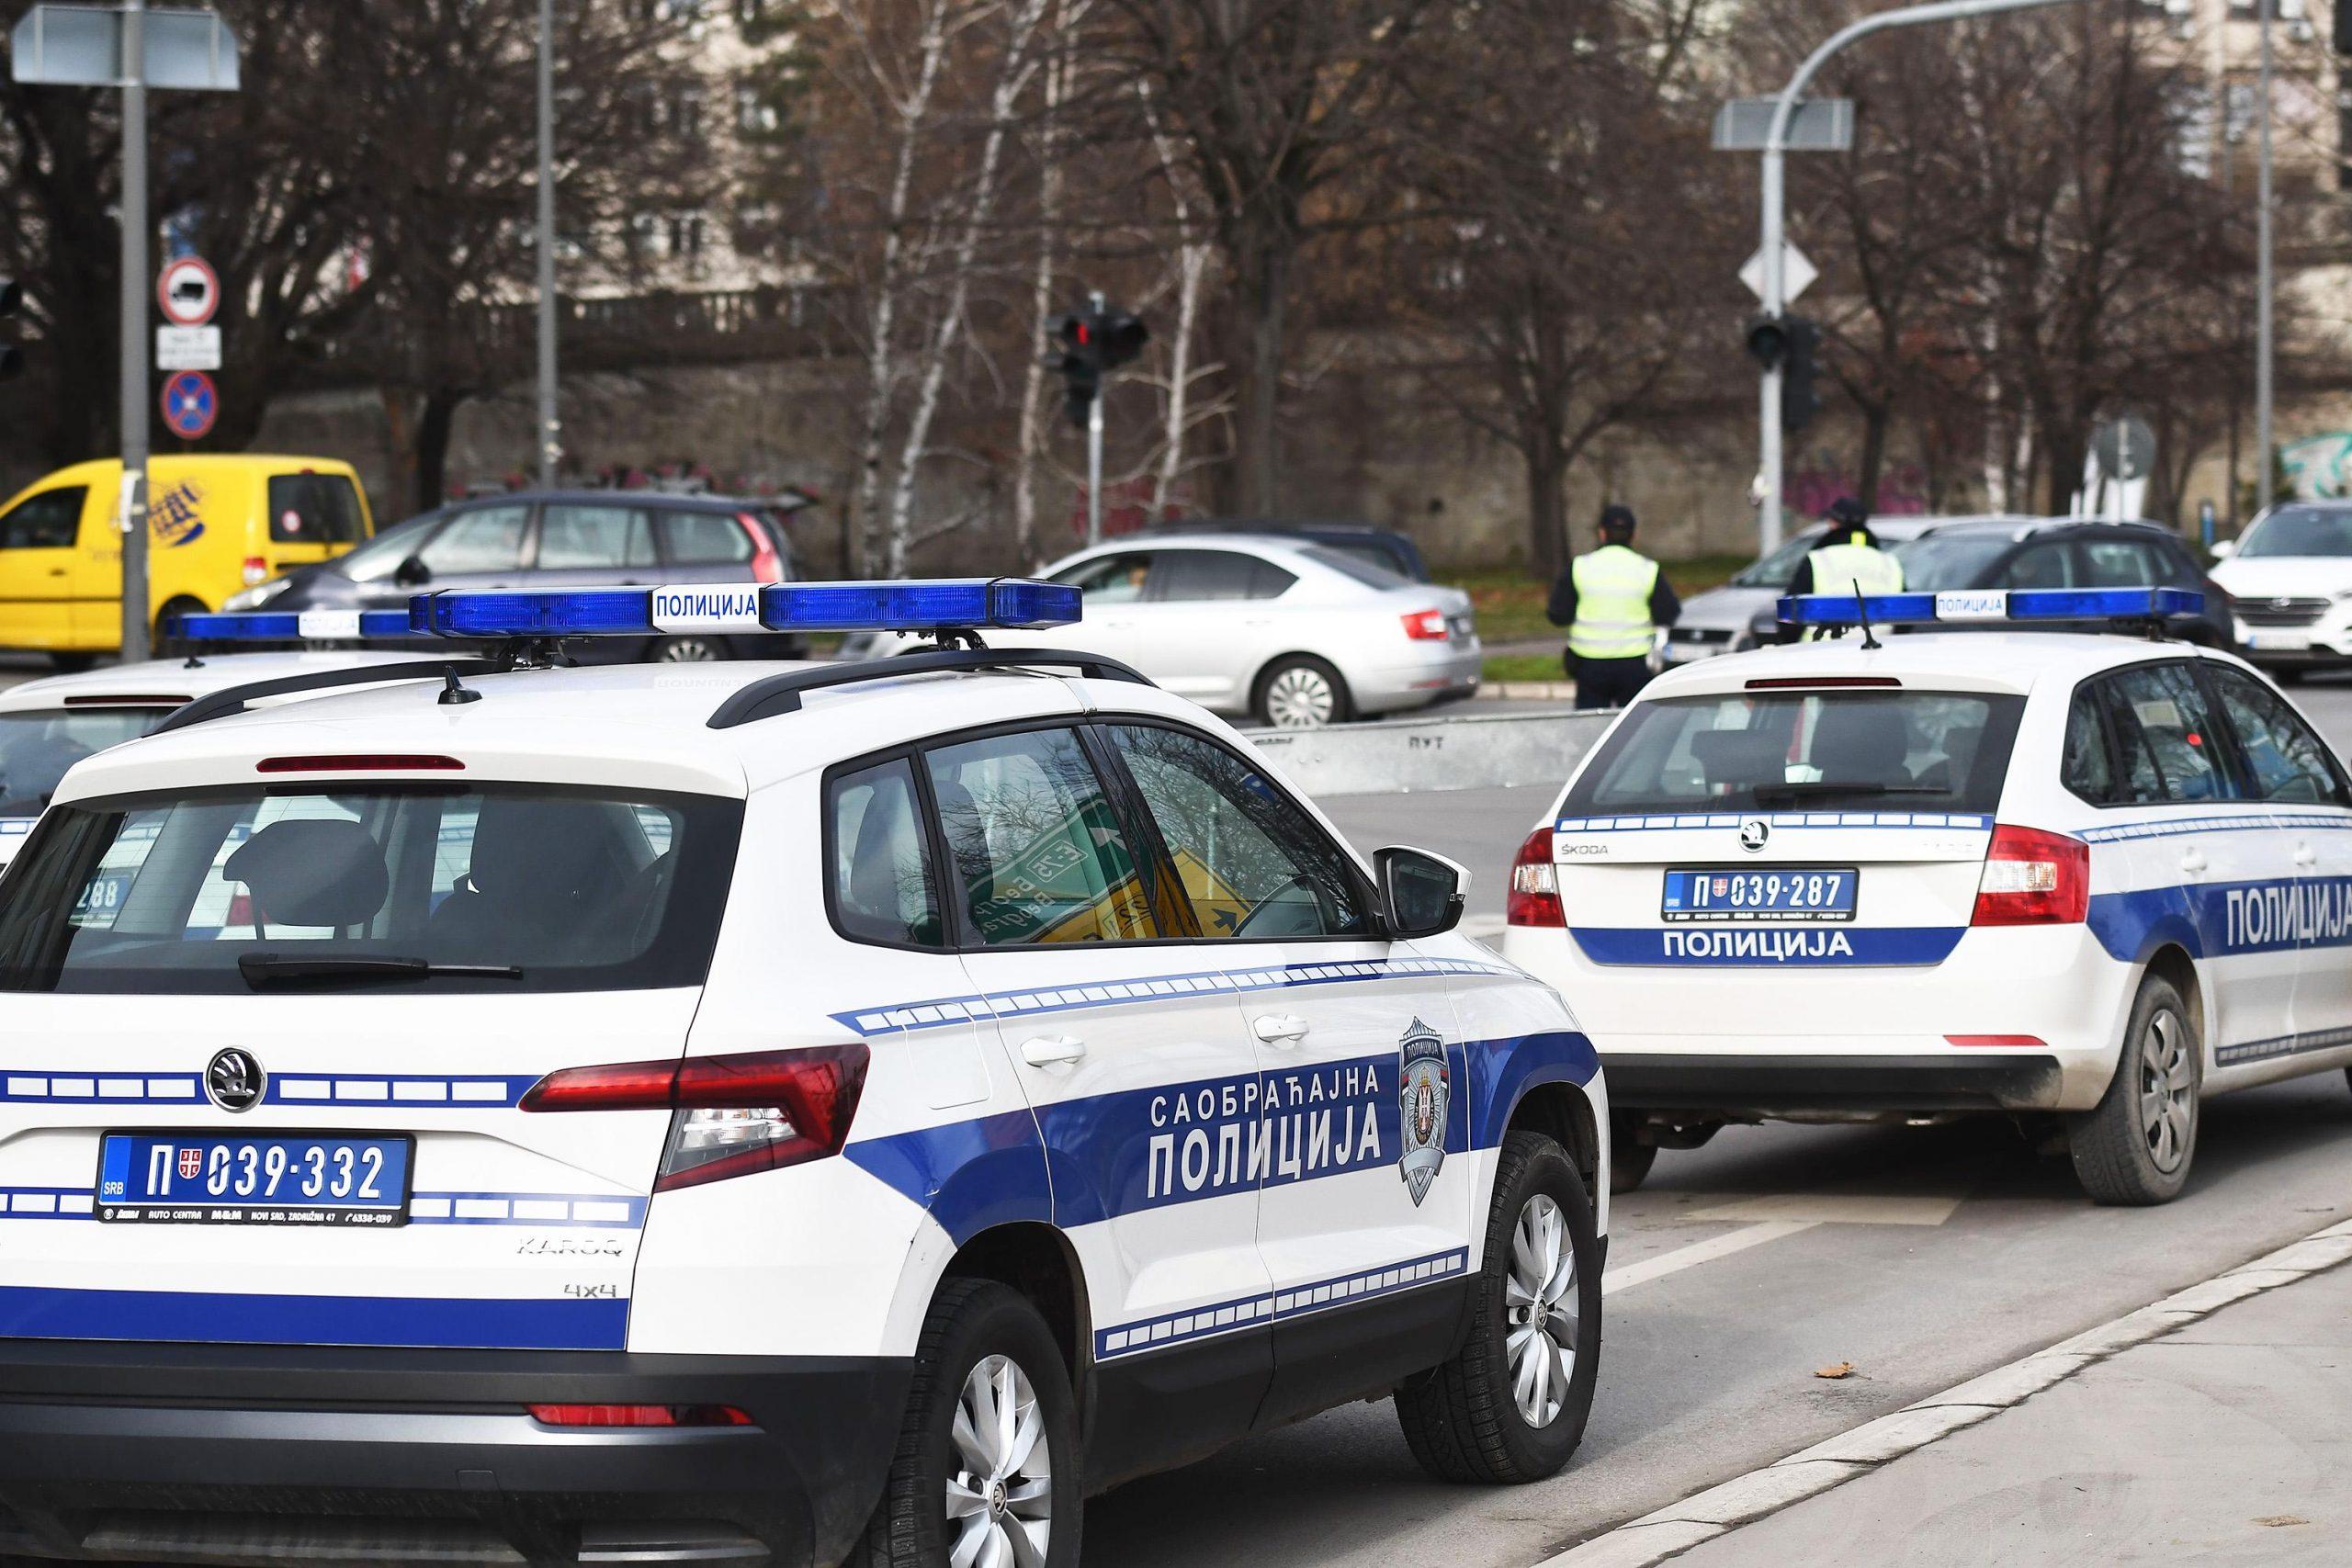 Policija objavila sliku osumnjičenog za ubistvo koji se nalazi u bekstvu 1